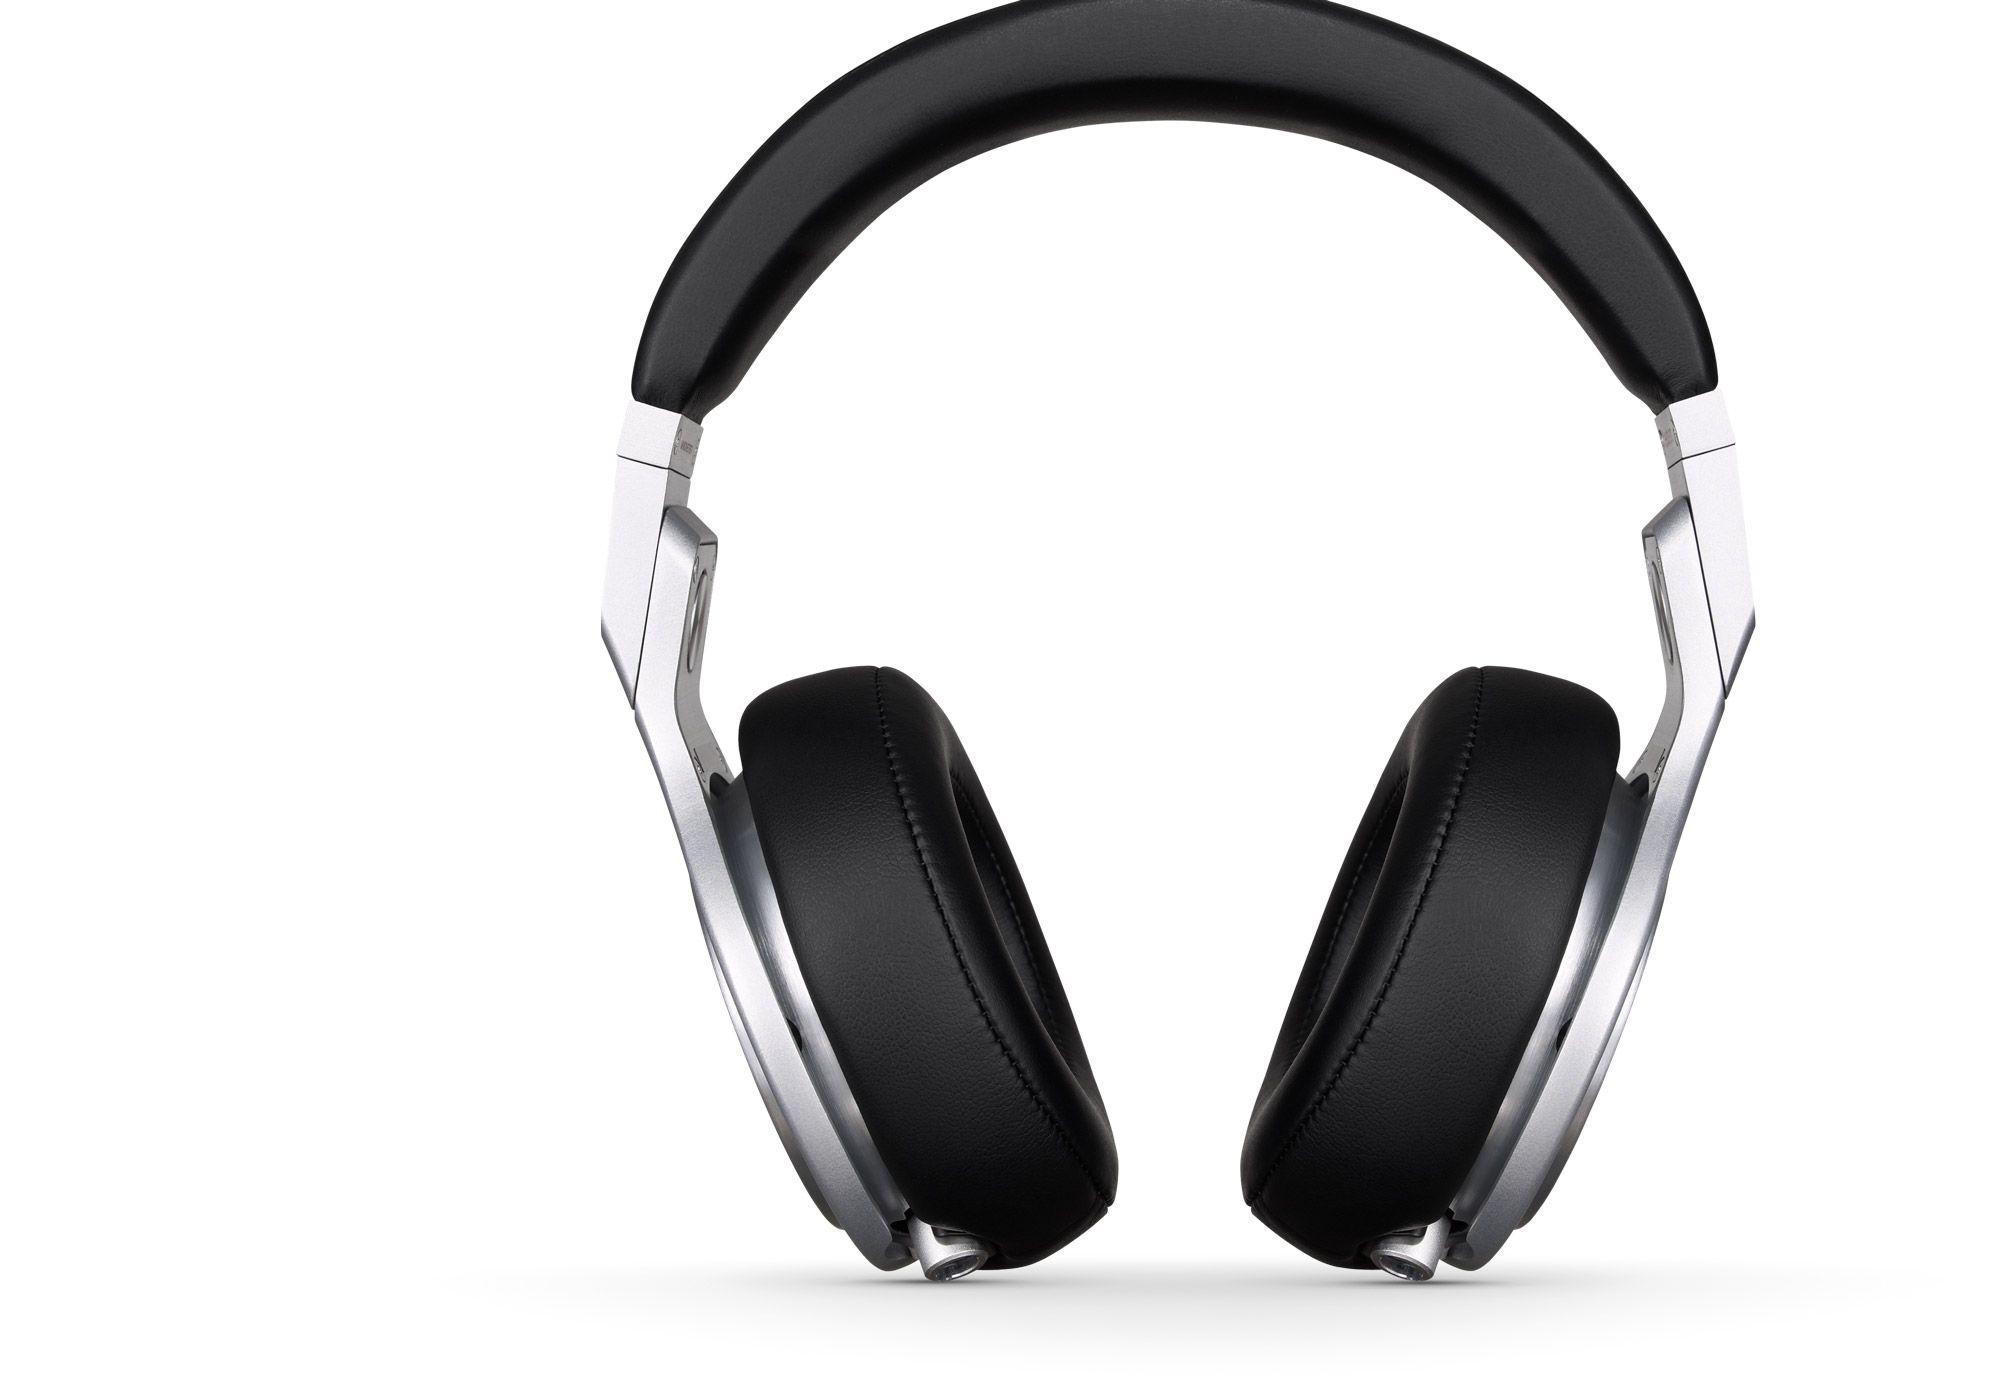 Black Beats Pro Headphones Beats By Dre Headphones Buying Laptop Over Ear Headphones